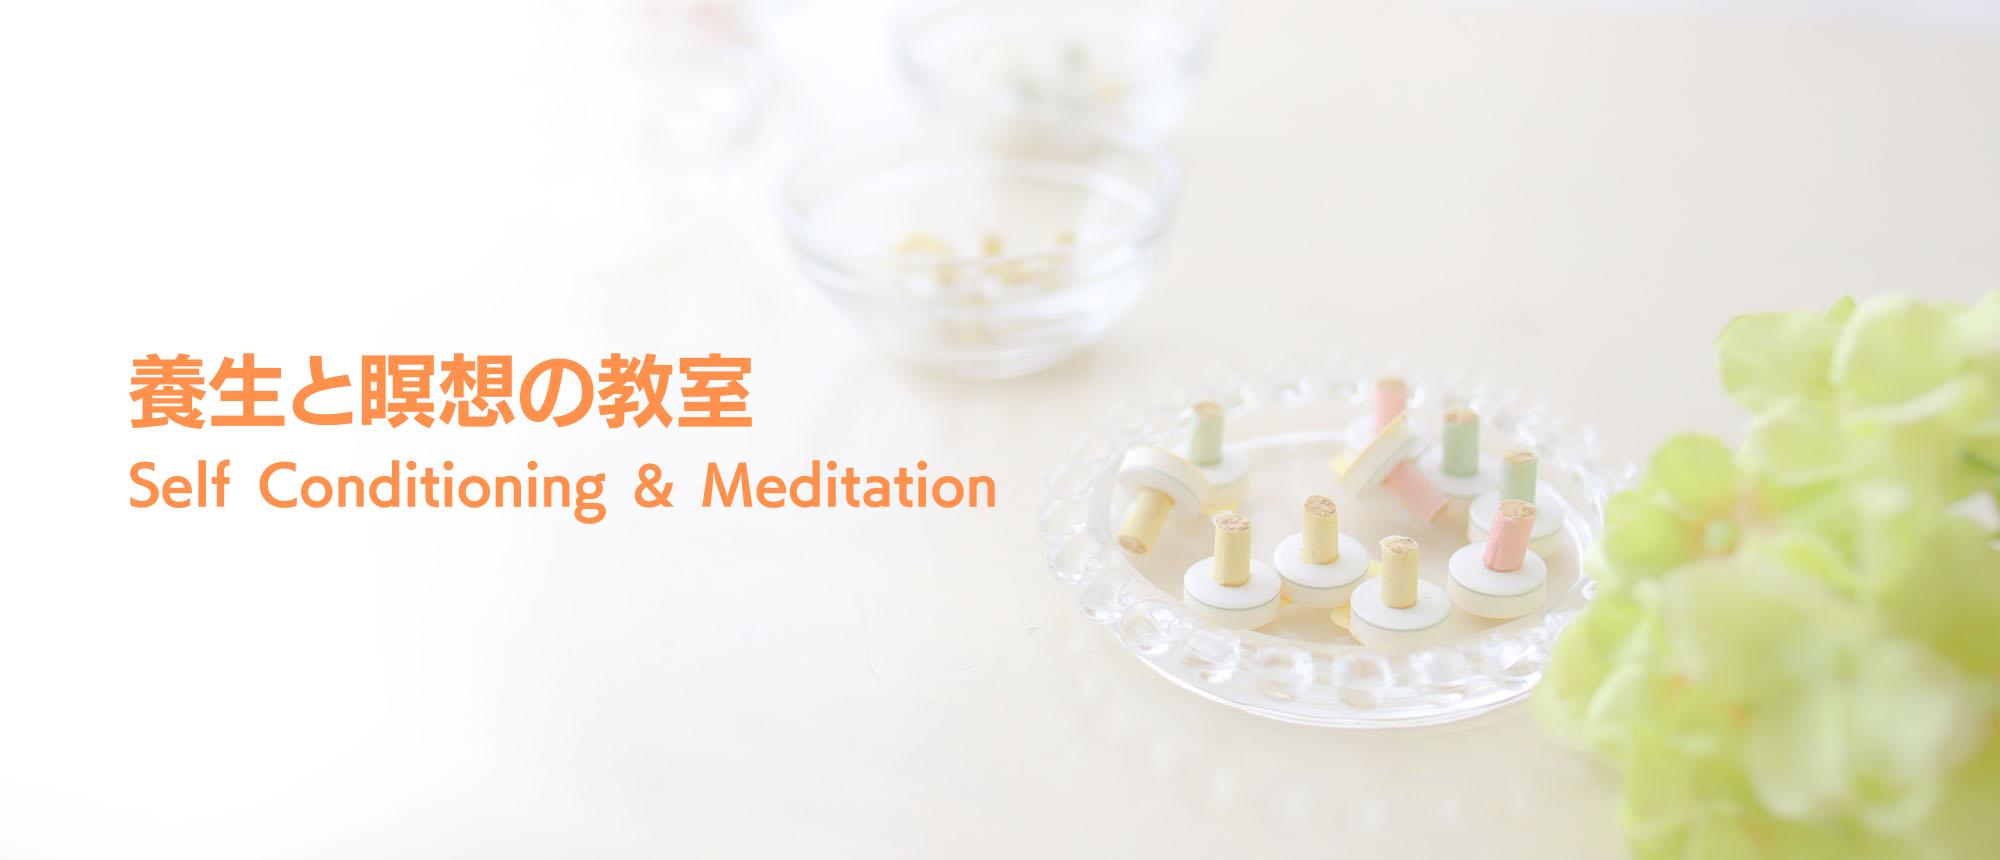 養生と瞑想の教室